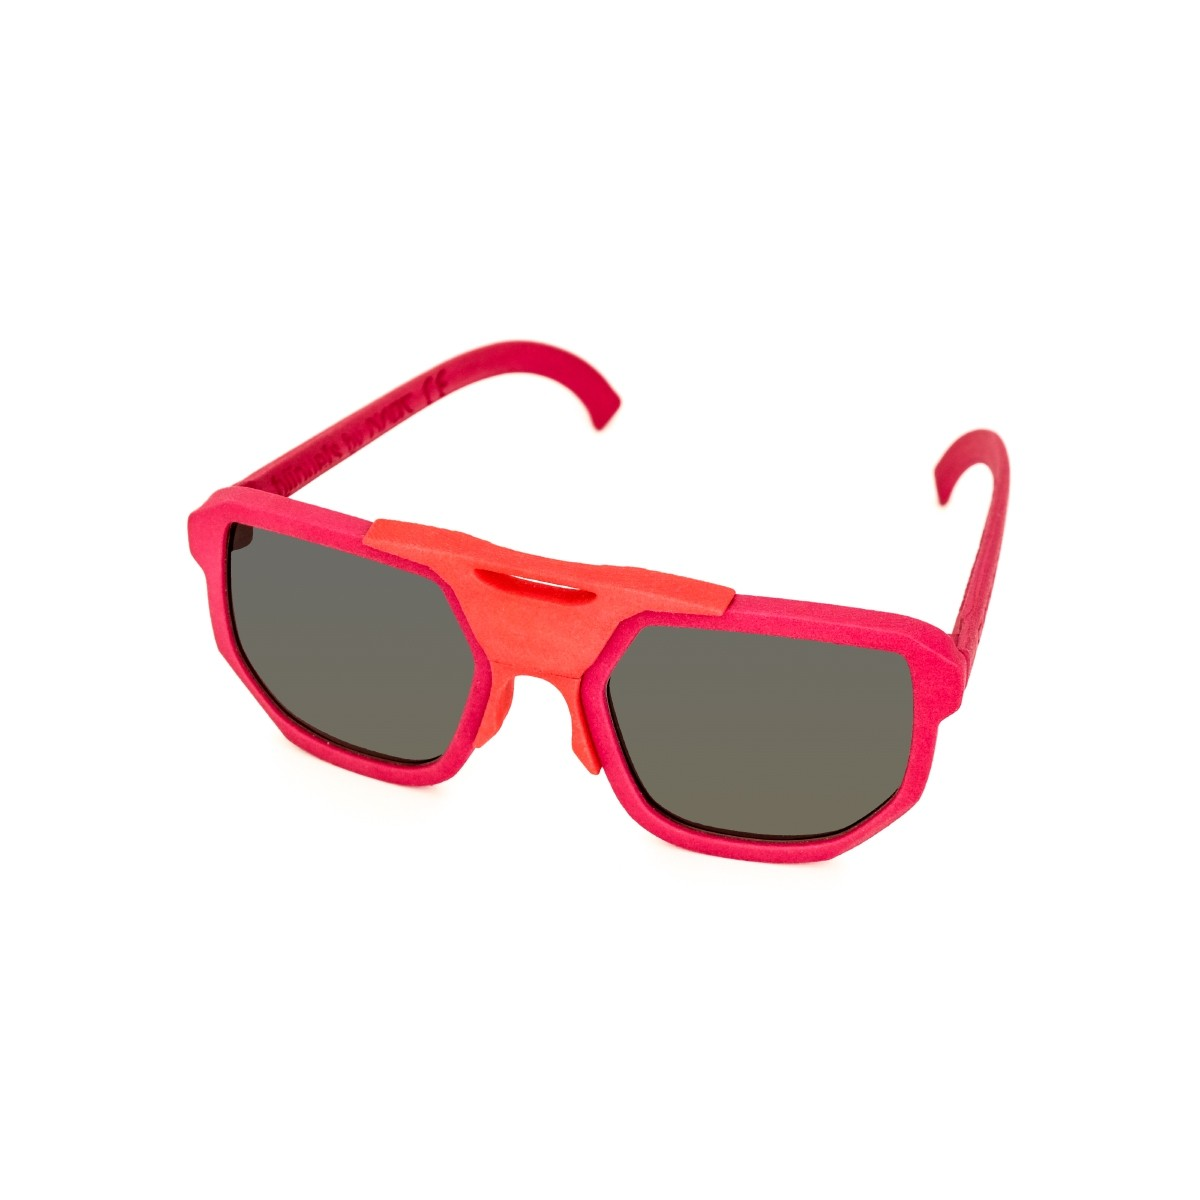 Cambiami 2.0 unisex rosso, 90,00€, Occhiali Cambiami Rosso a forma